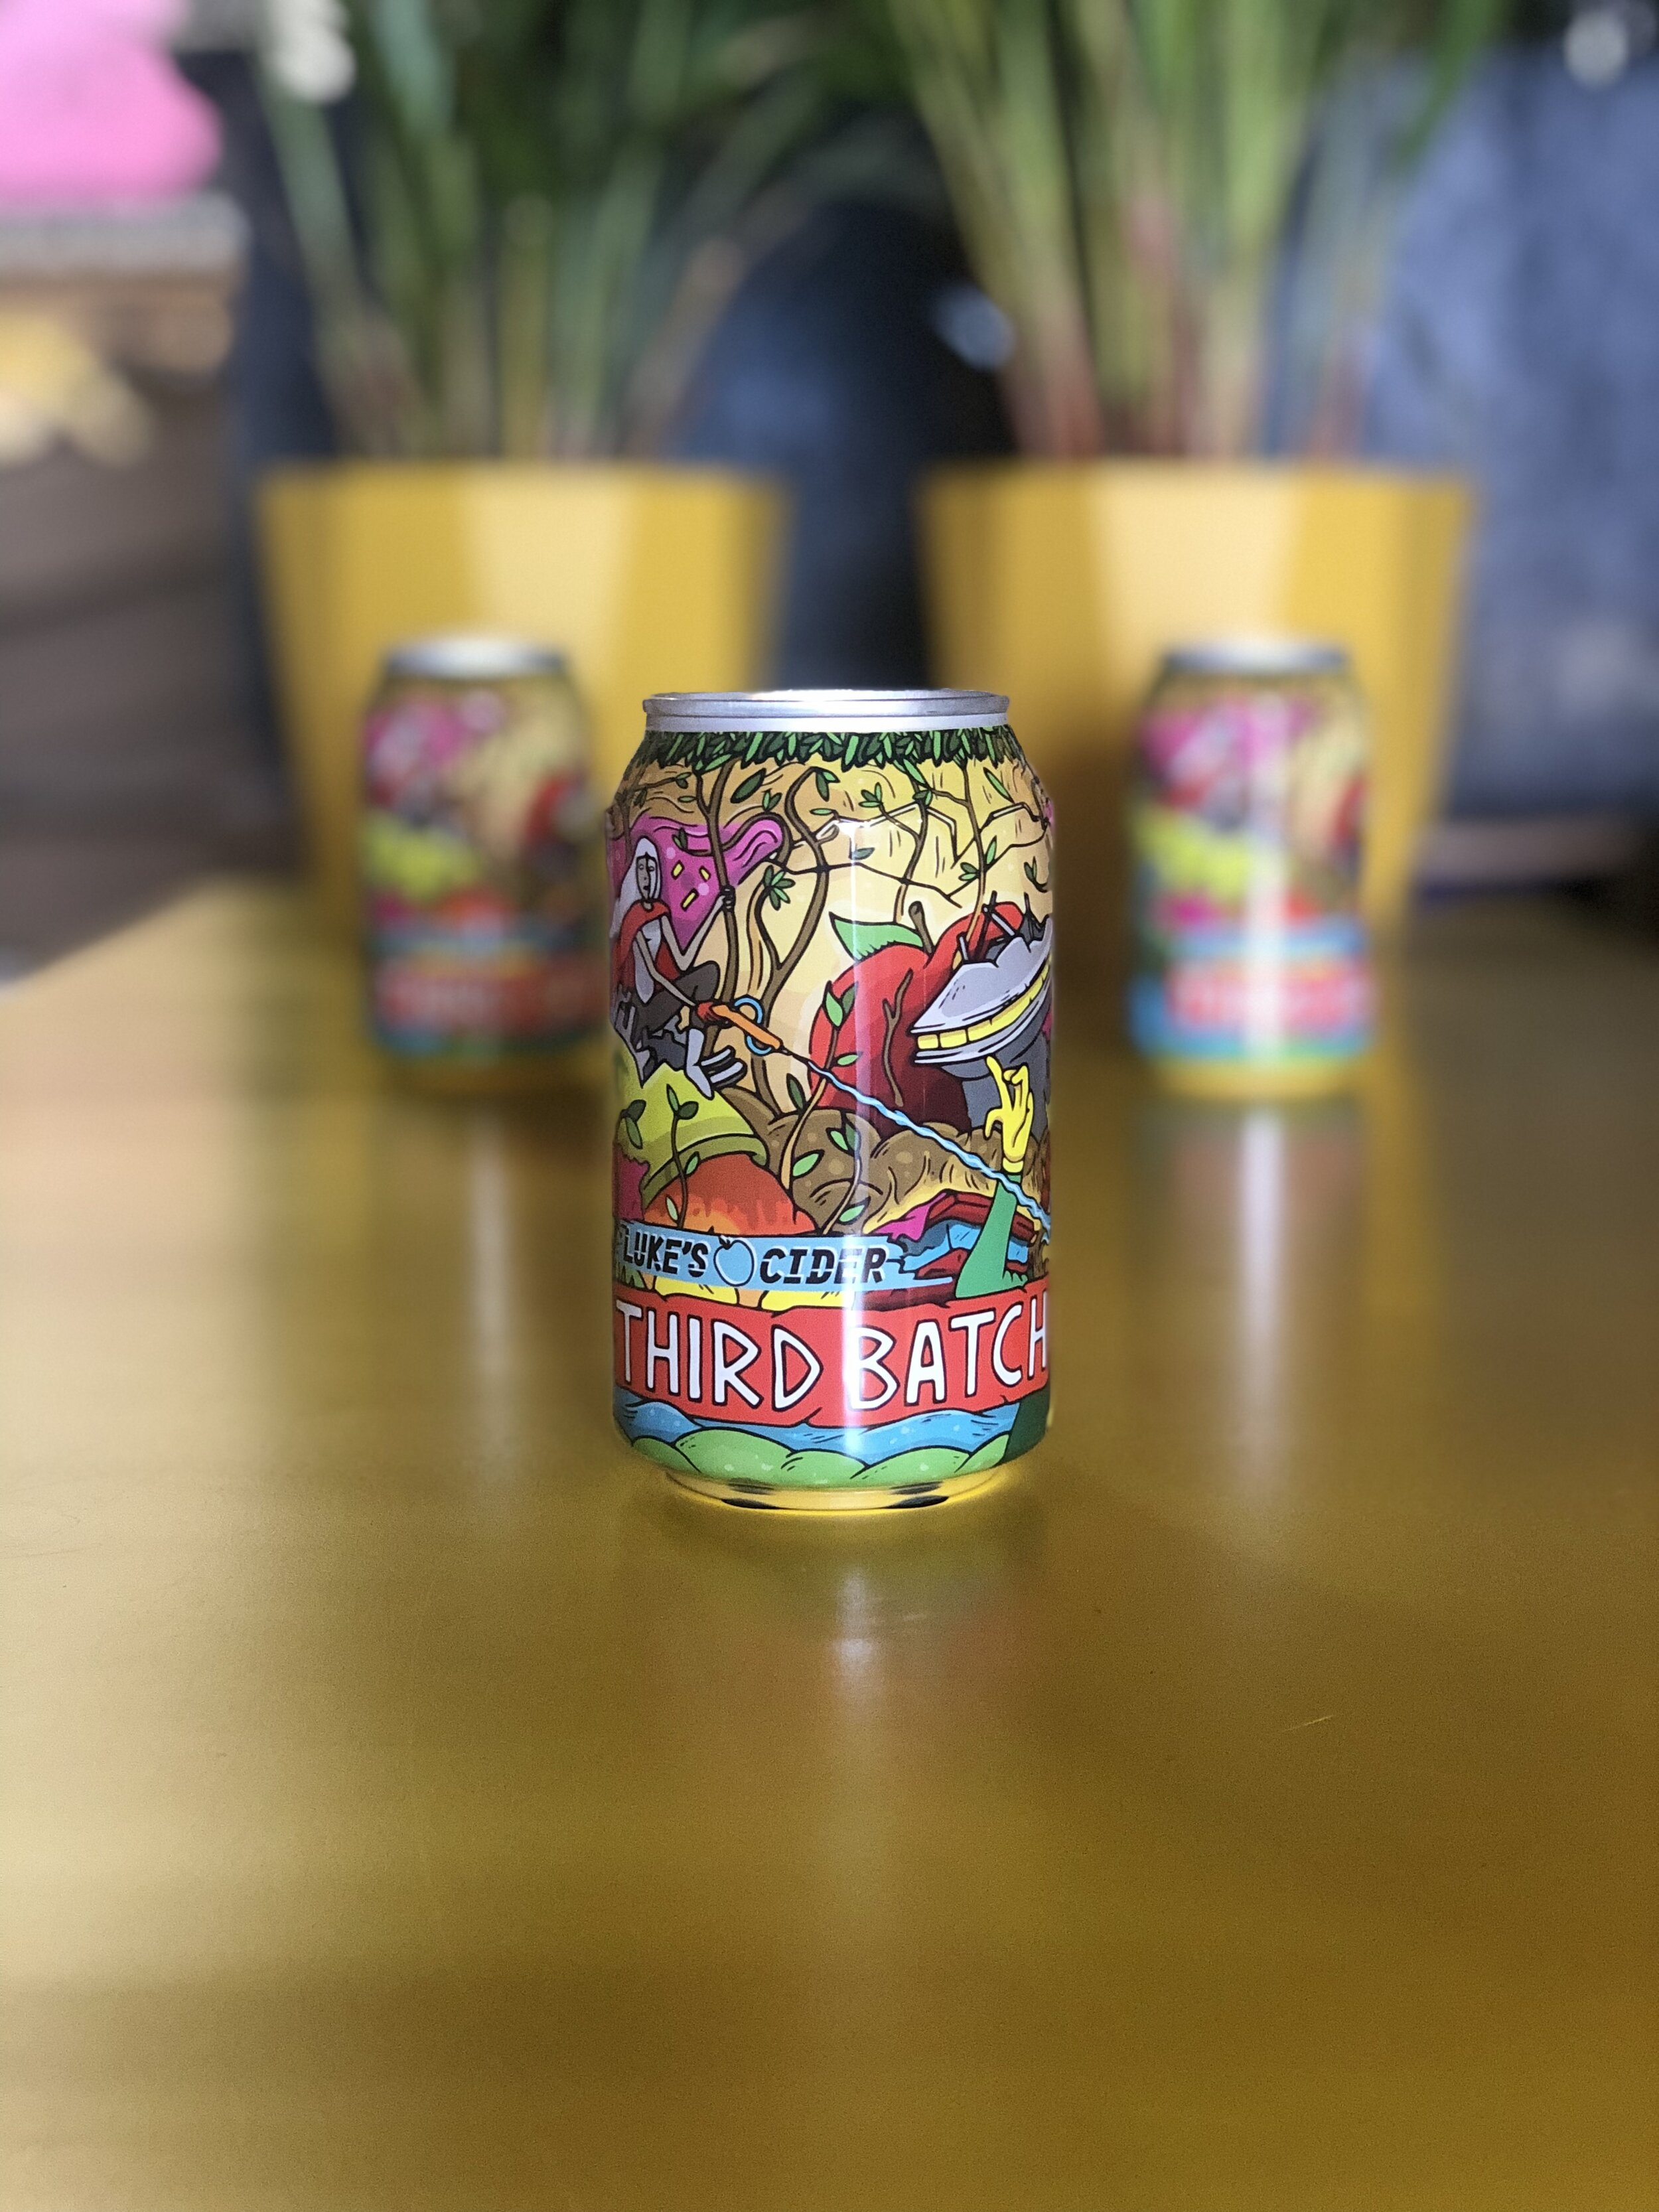 Luke's | Third Batch | Med Dry Cider 6.2% 330ml